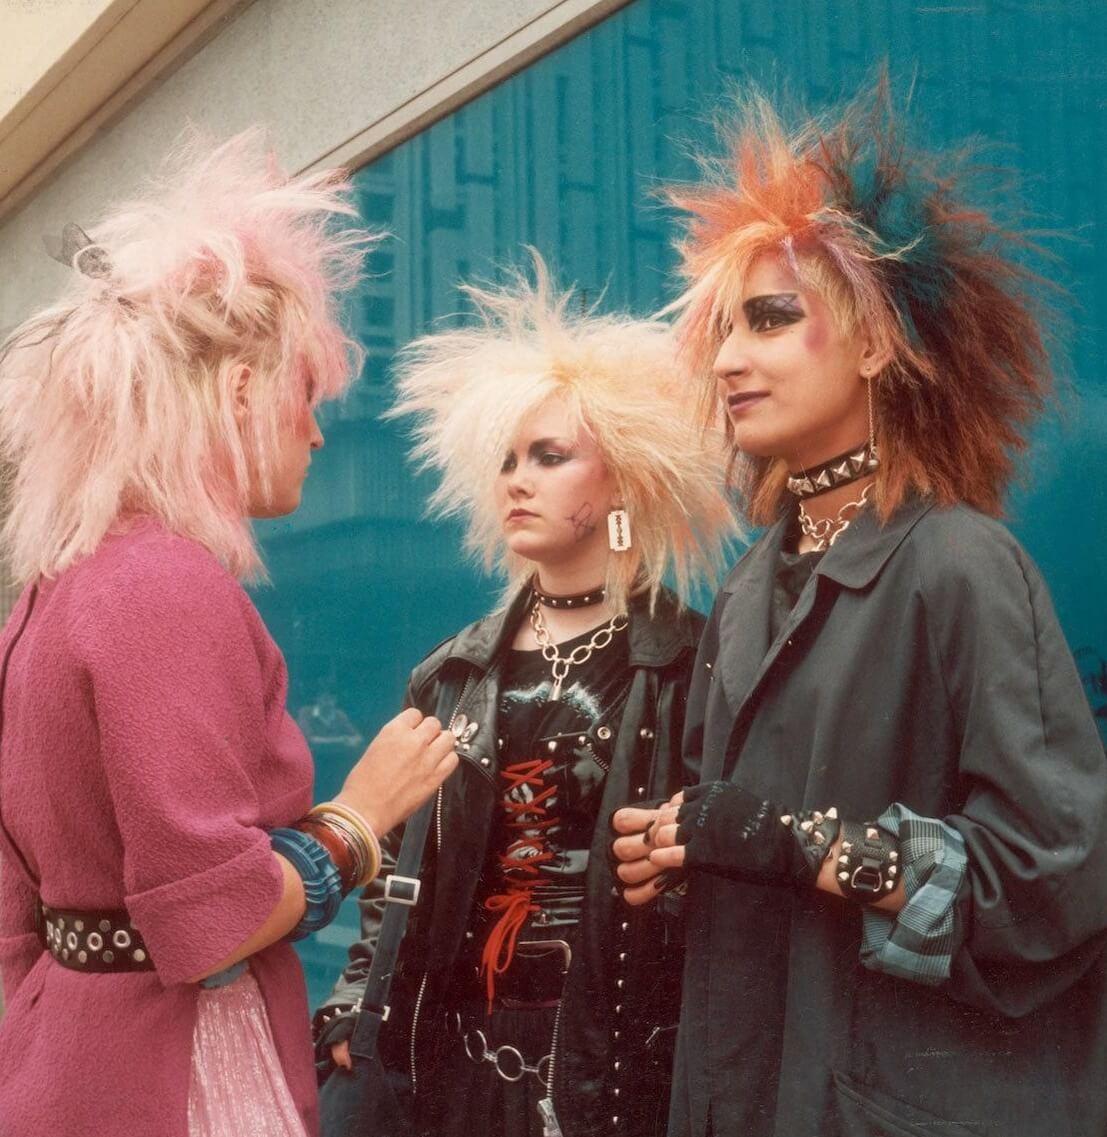 Los Peinados De Moda Y Su Historia Ii Blog De Dsigno